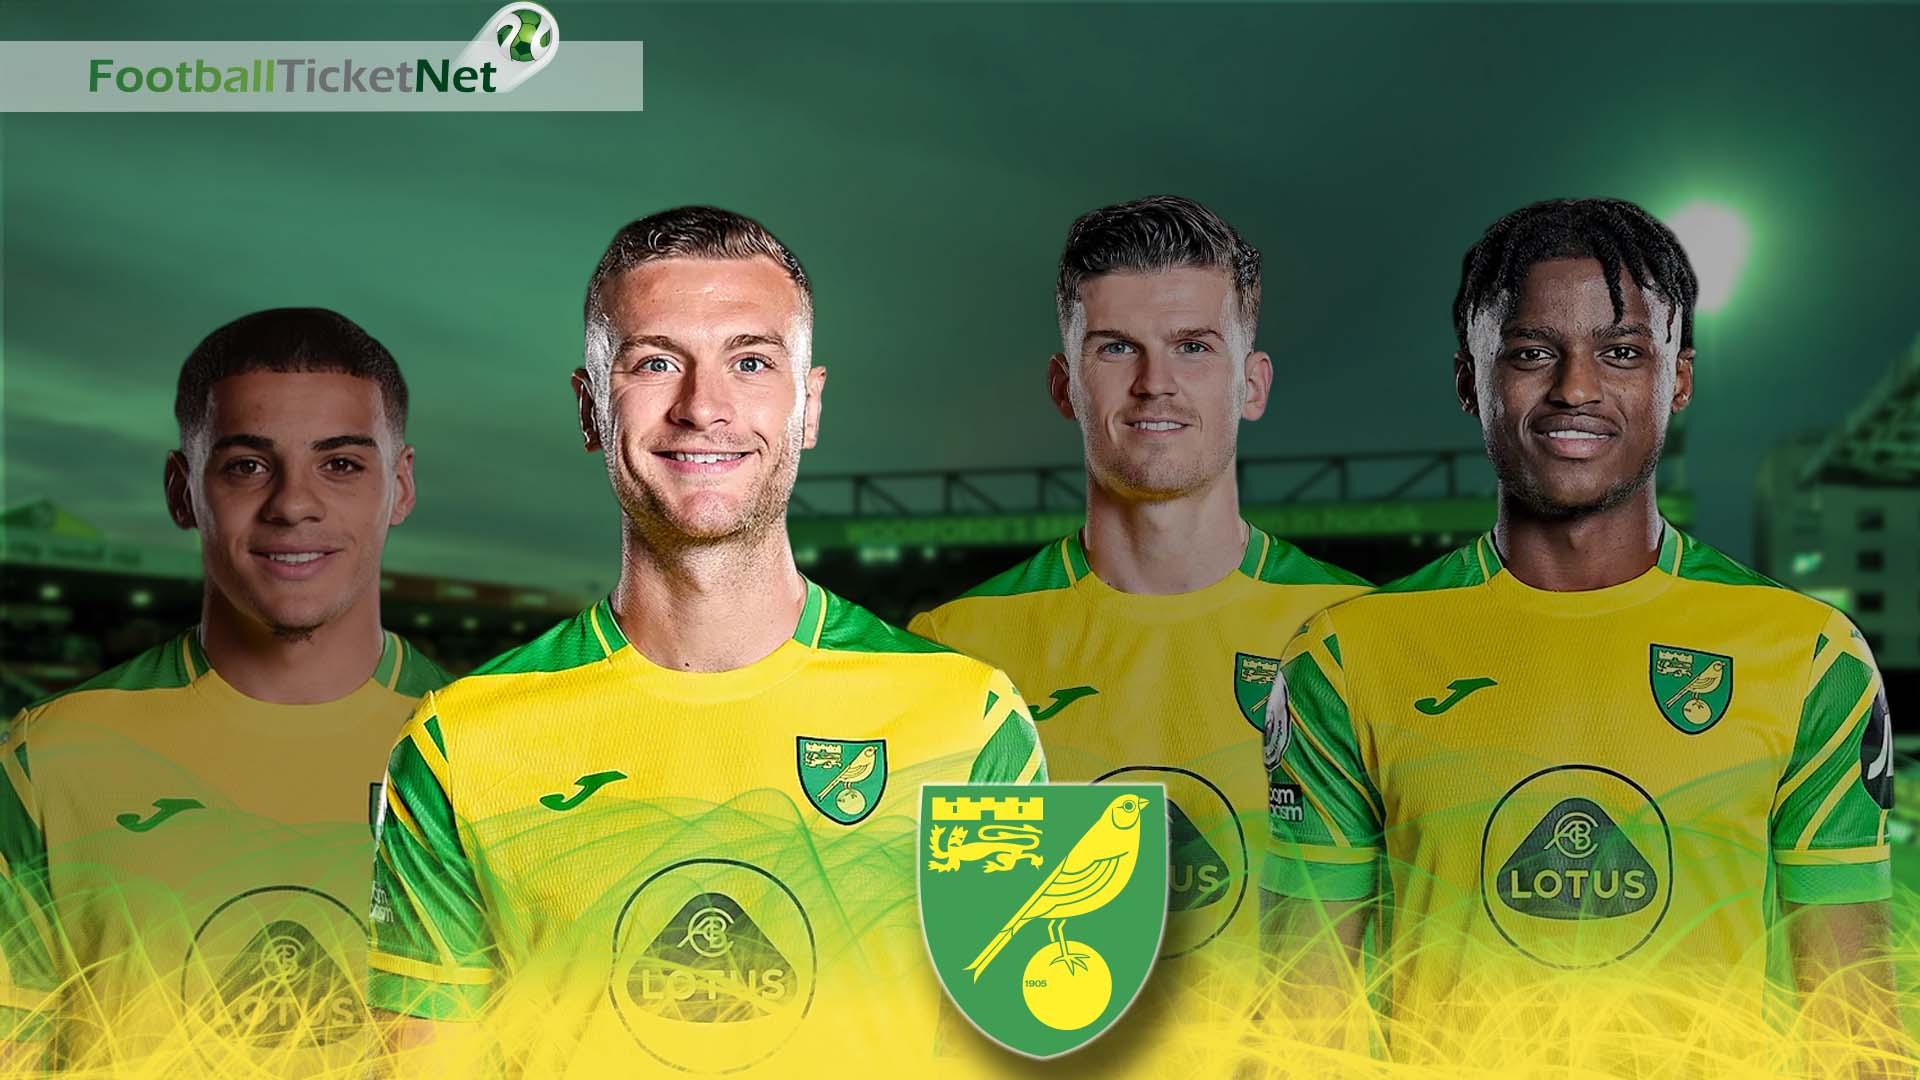 Buy Norwich City Tickets 2020 21 Football Ticket Net